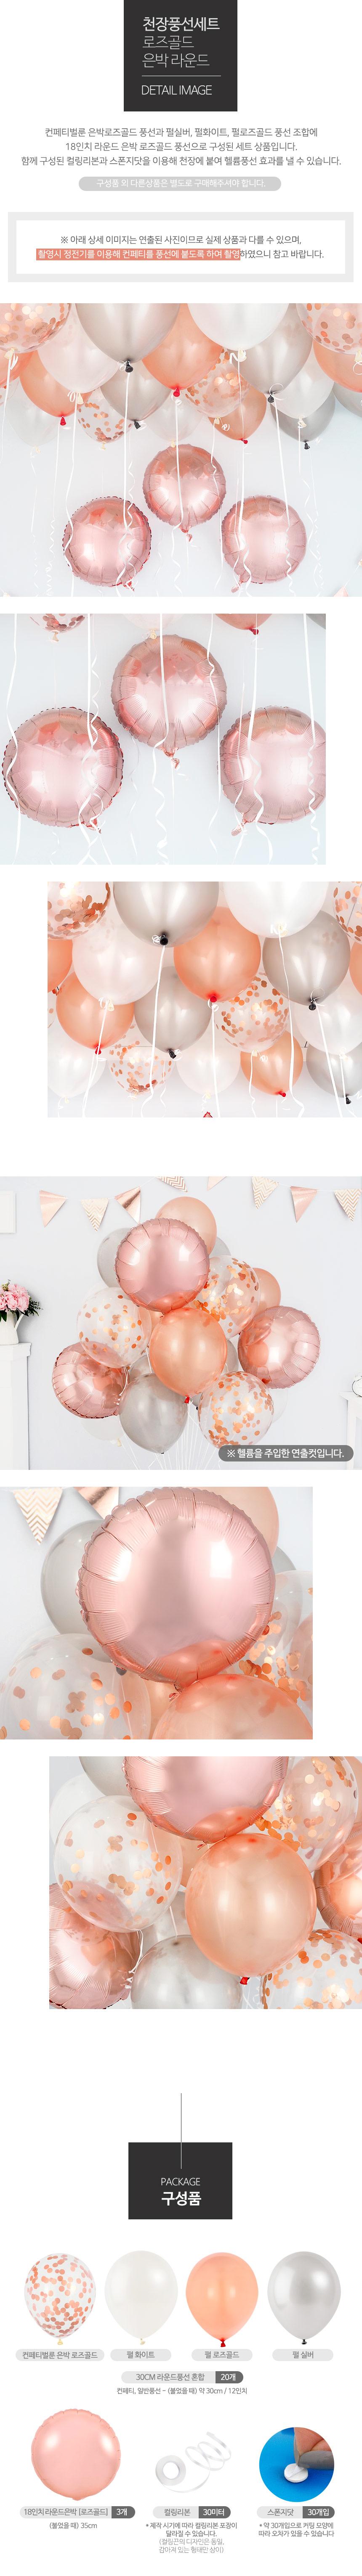 천장풍선세트 로즈골드 은박 라운드 _partypang - 파티팡, 8,800원, 파티용품, 풍선/세트